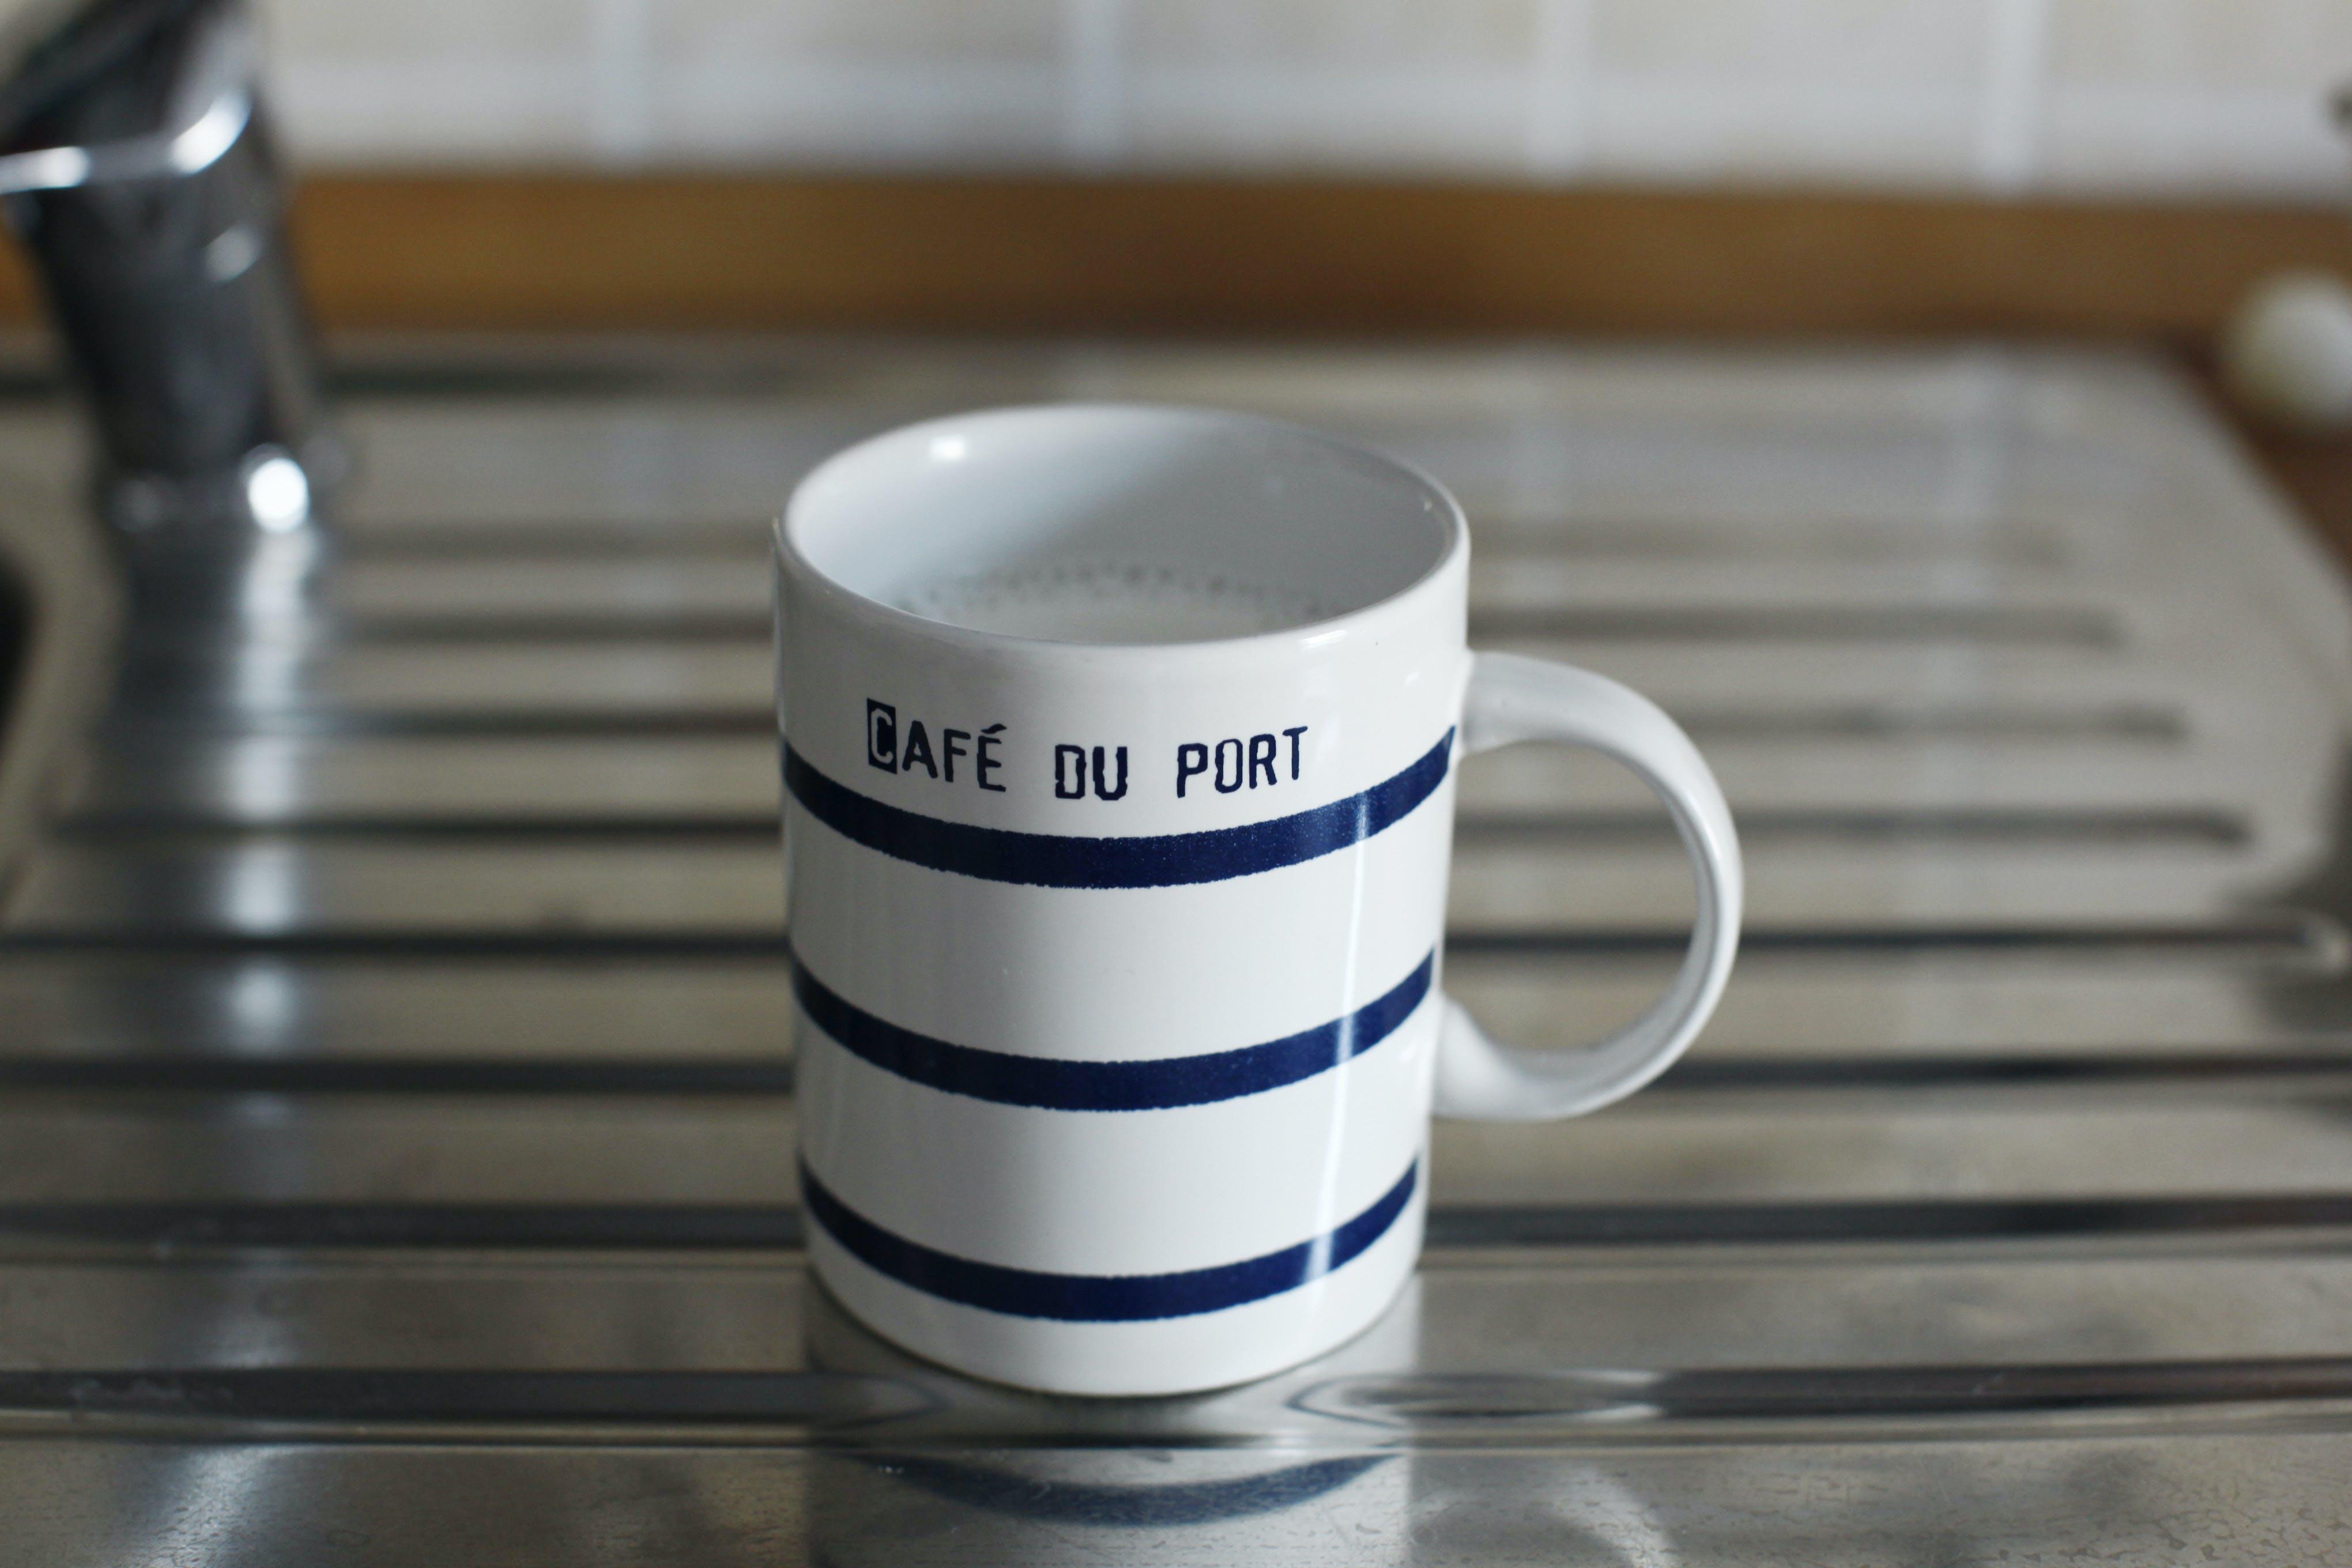 Fotos de stock gratuitas de adentro, cerámica, copa, efecto desenfocado